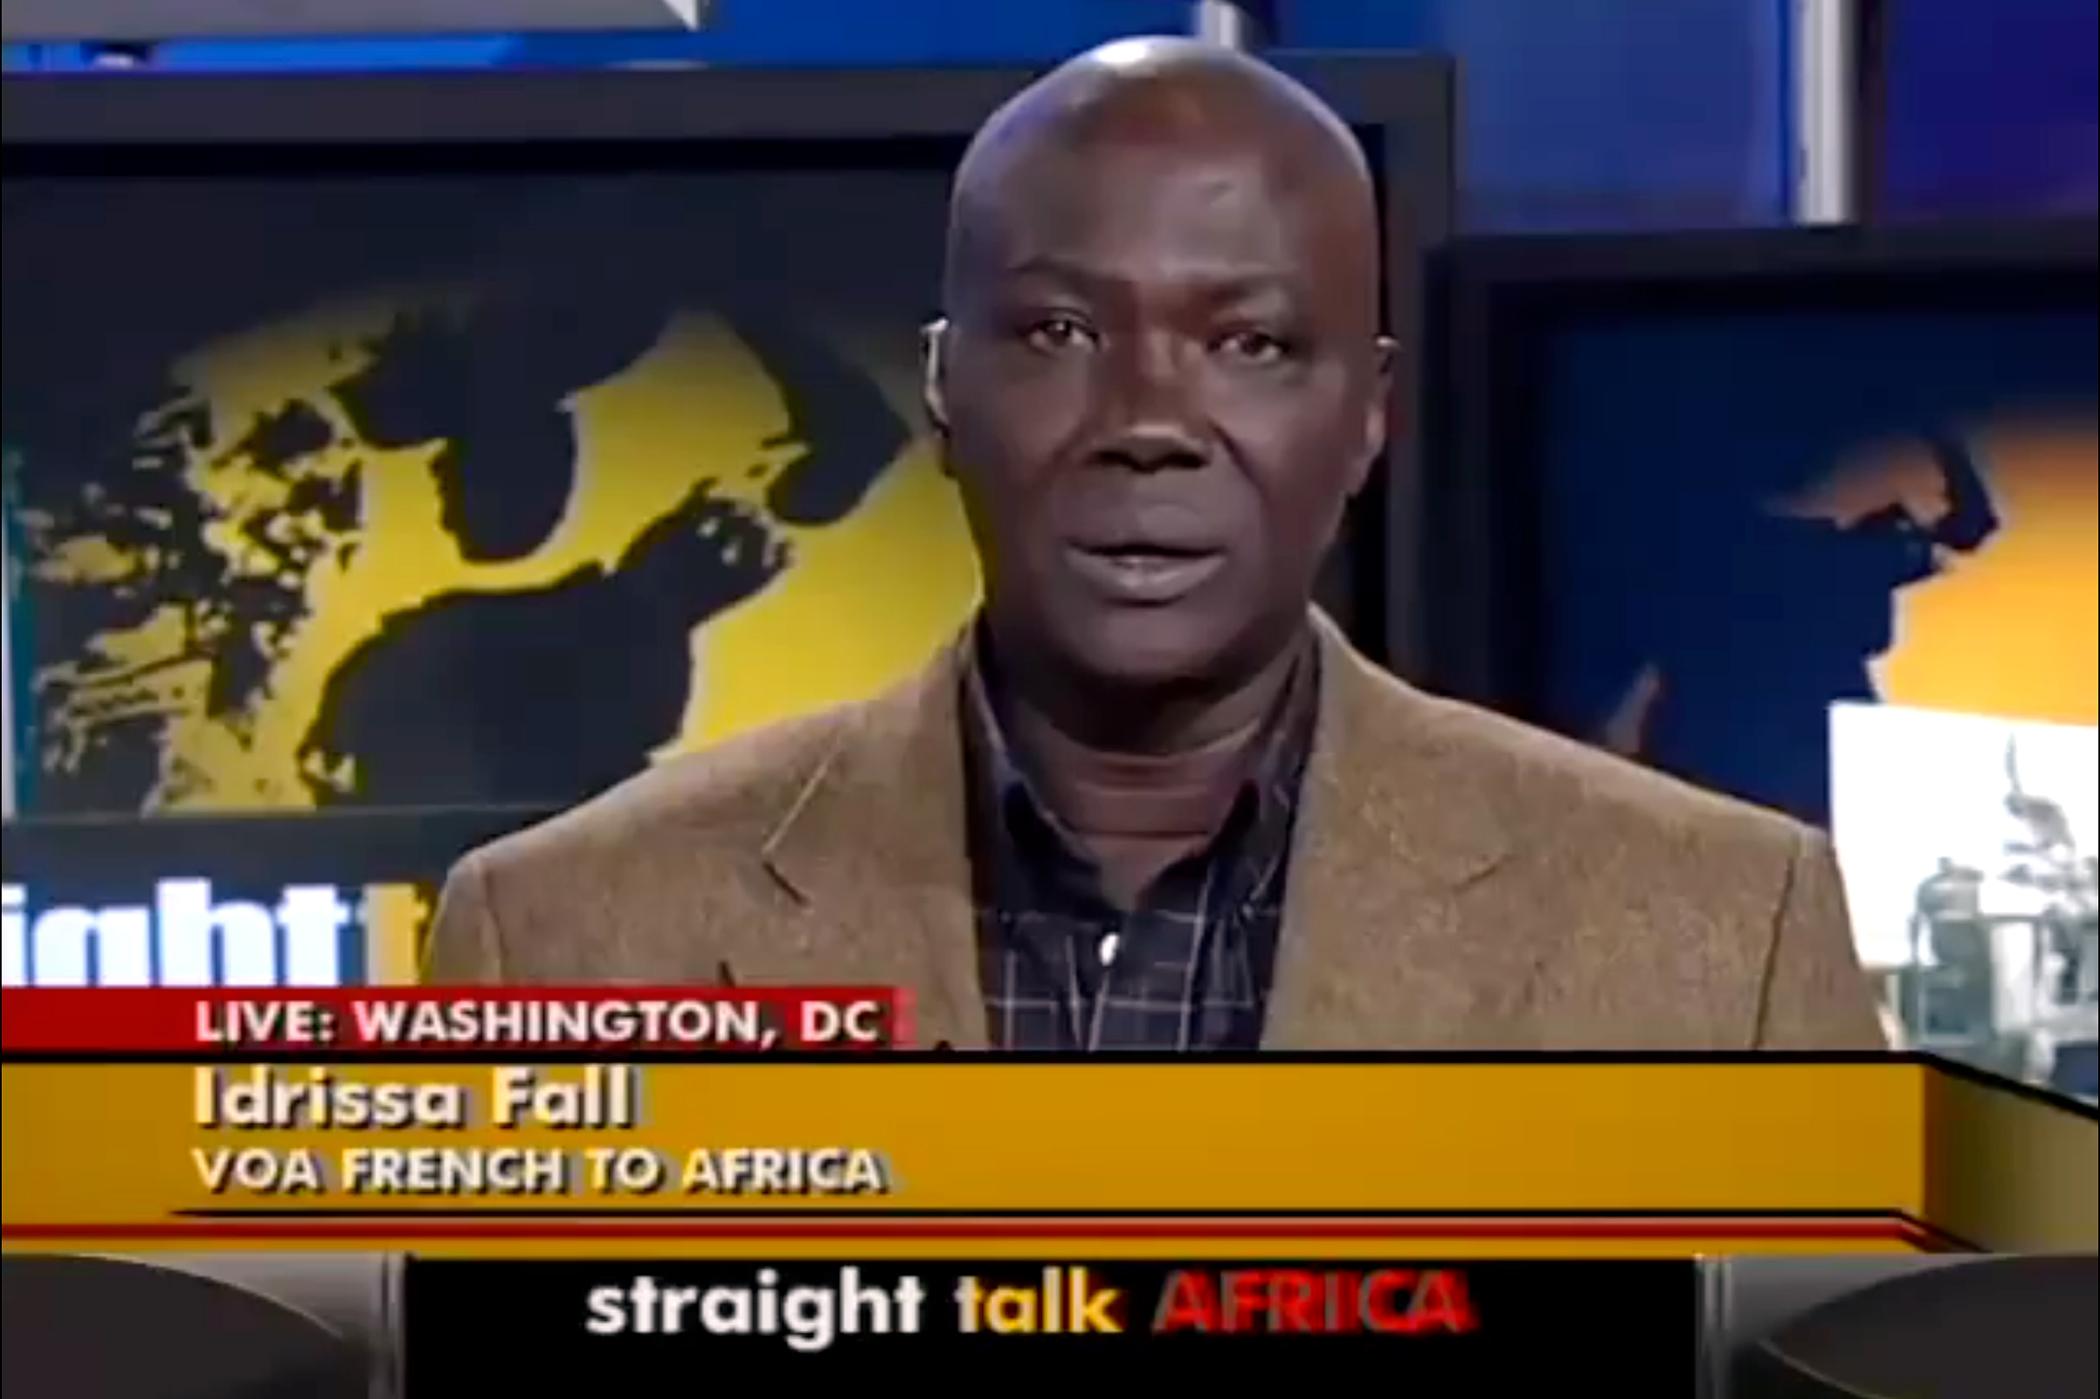 Idrissa Fall